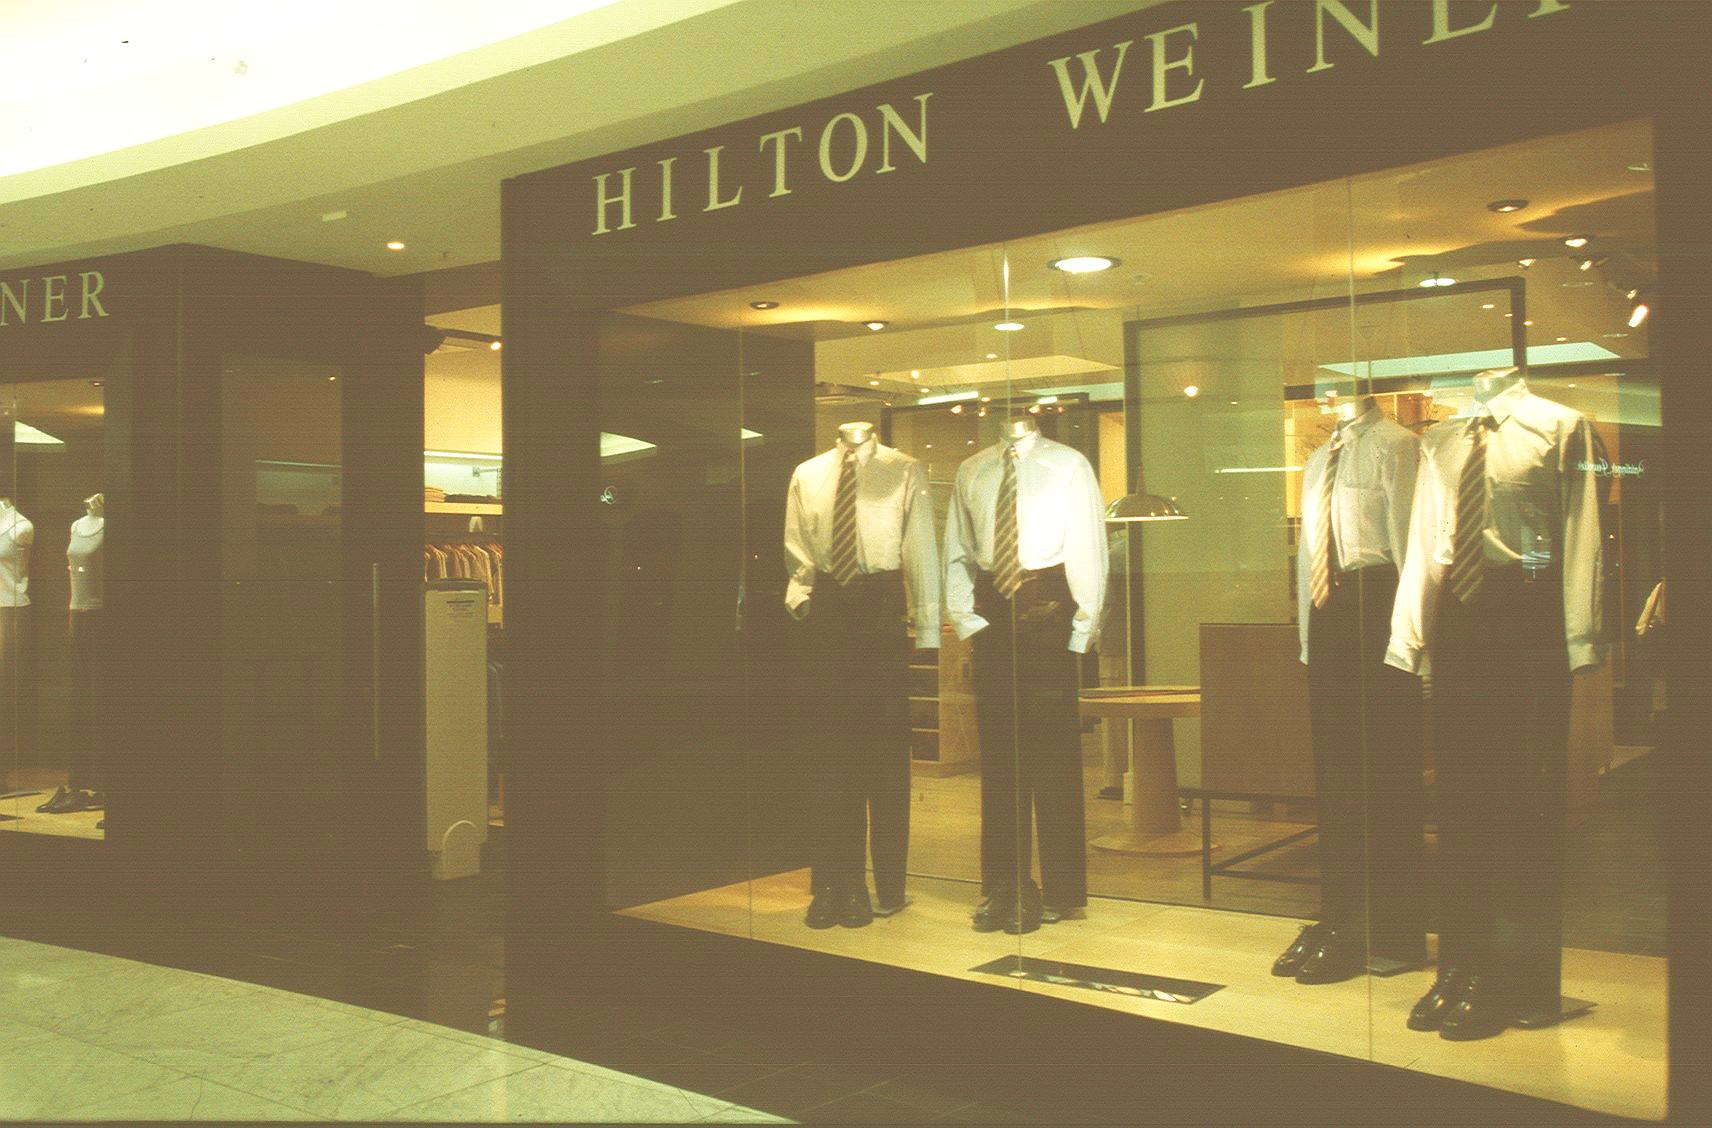 HILTON WEINER CAVENDISH